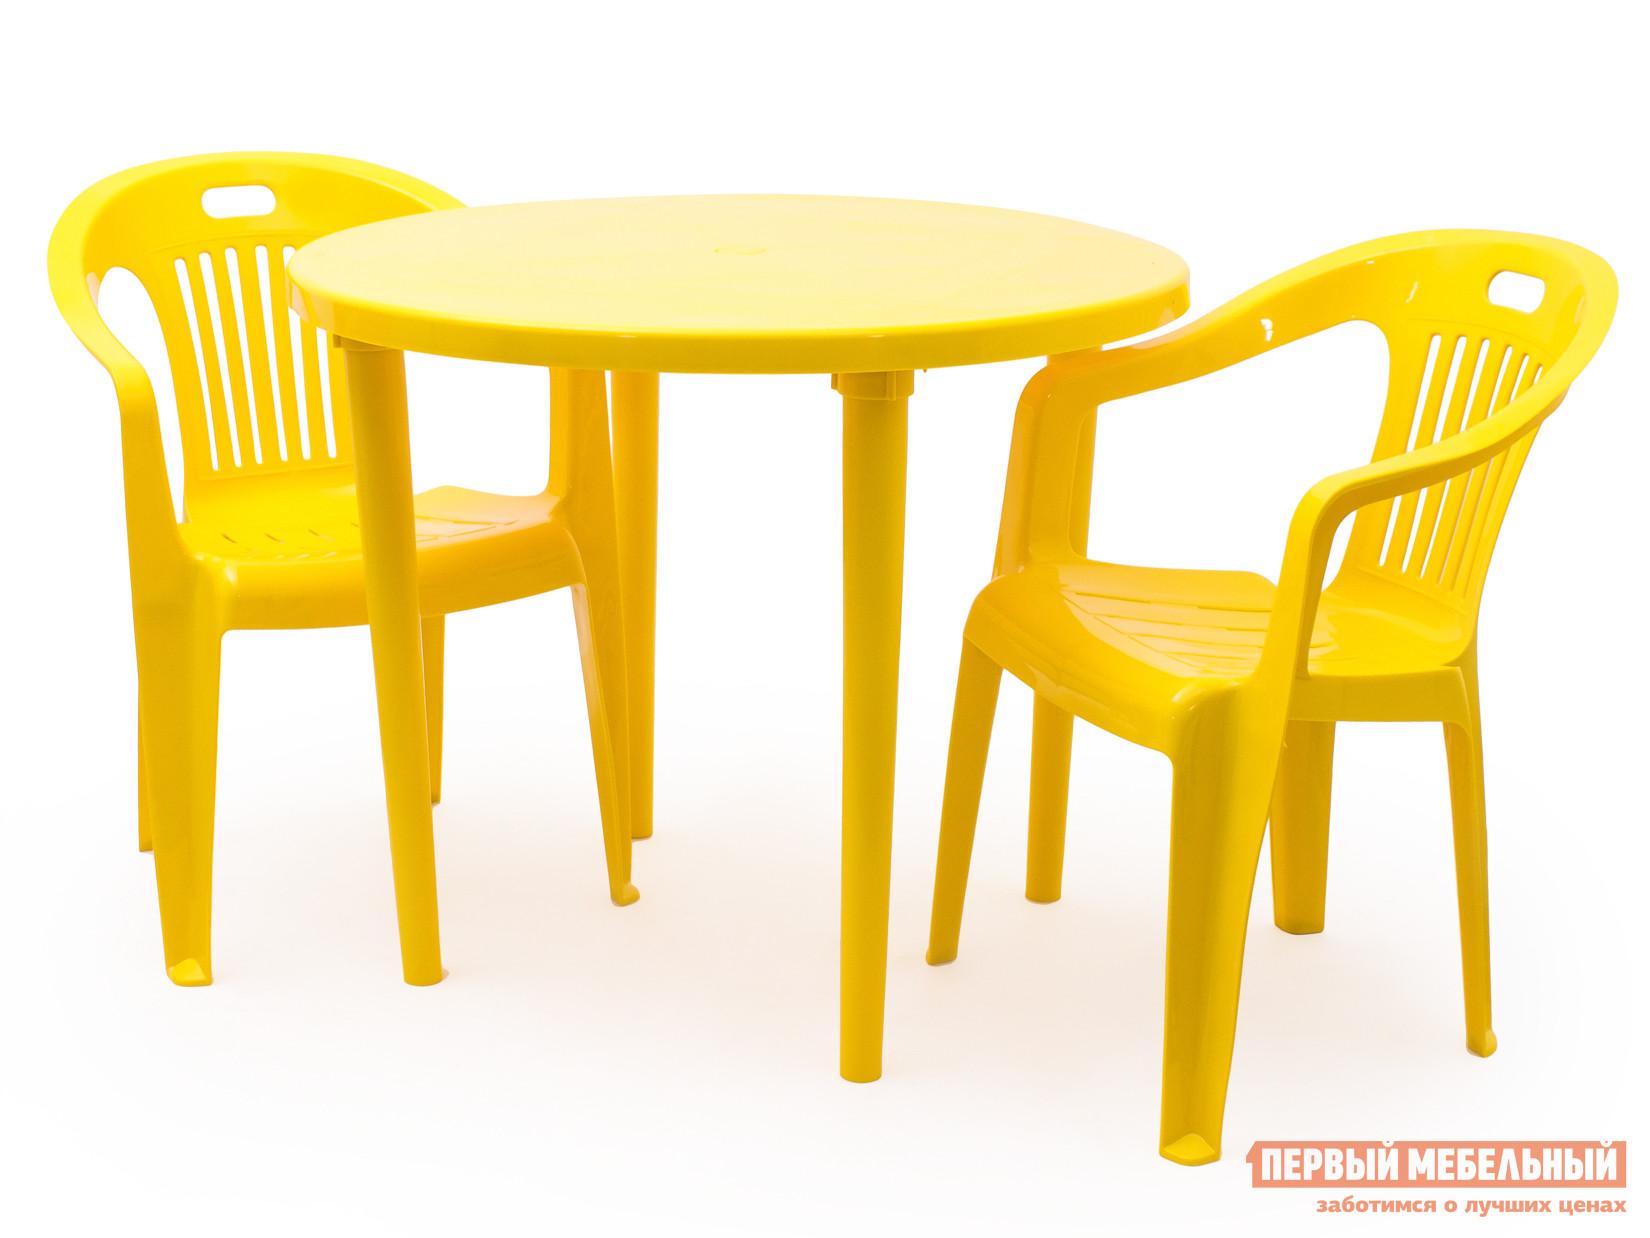 Набор пластиковой мебели Стандарт Пластик Стол круглый, д. 900 мм + Кресло №5 Комфорт-1(540x535x780мм), 2 шт. ЖелтыйНаборы пластиковой мебели<br>Габаритные размеры ВхШхГ xx мм. Свежесть образа комплекта пластиковой мебели Рикул + Комфорт-1 очаровывает и пленит.  Комплект очень функционален и идеально подходит для отдыха двух персон.  Круглый стол диаметром 900 мм имеет съемные ножки, что позволяет его компактно хранить в зимнее время.  Два стула размером (ВхШхГ): 780 х 540 х 535 изготавливаются из цельнолитого пластика и выдерживают нагрузку до 120 кг.  На спинке каждого кресла предусмотрена ручка для удобства транспортировки, а форма каркаса позволяет стопировать стулья друг на друга.<br><br>Цвет: Желтый<br>Кол-во упаковок: 3<br>Форма поставки: В разобранном виде<br>Срок гарантии: 1 год<br>Тип: На 2 персоны